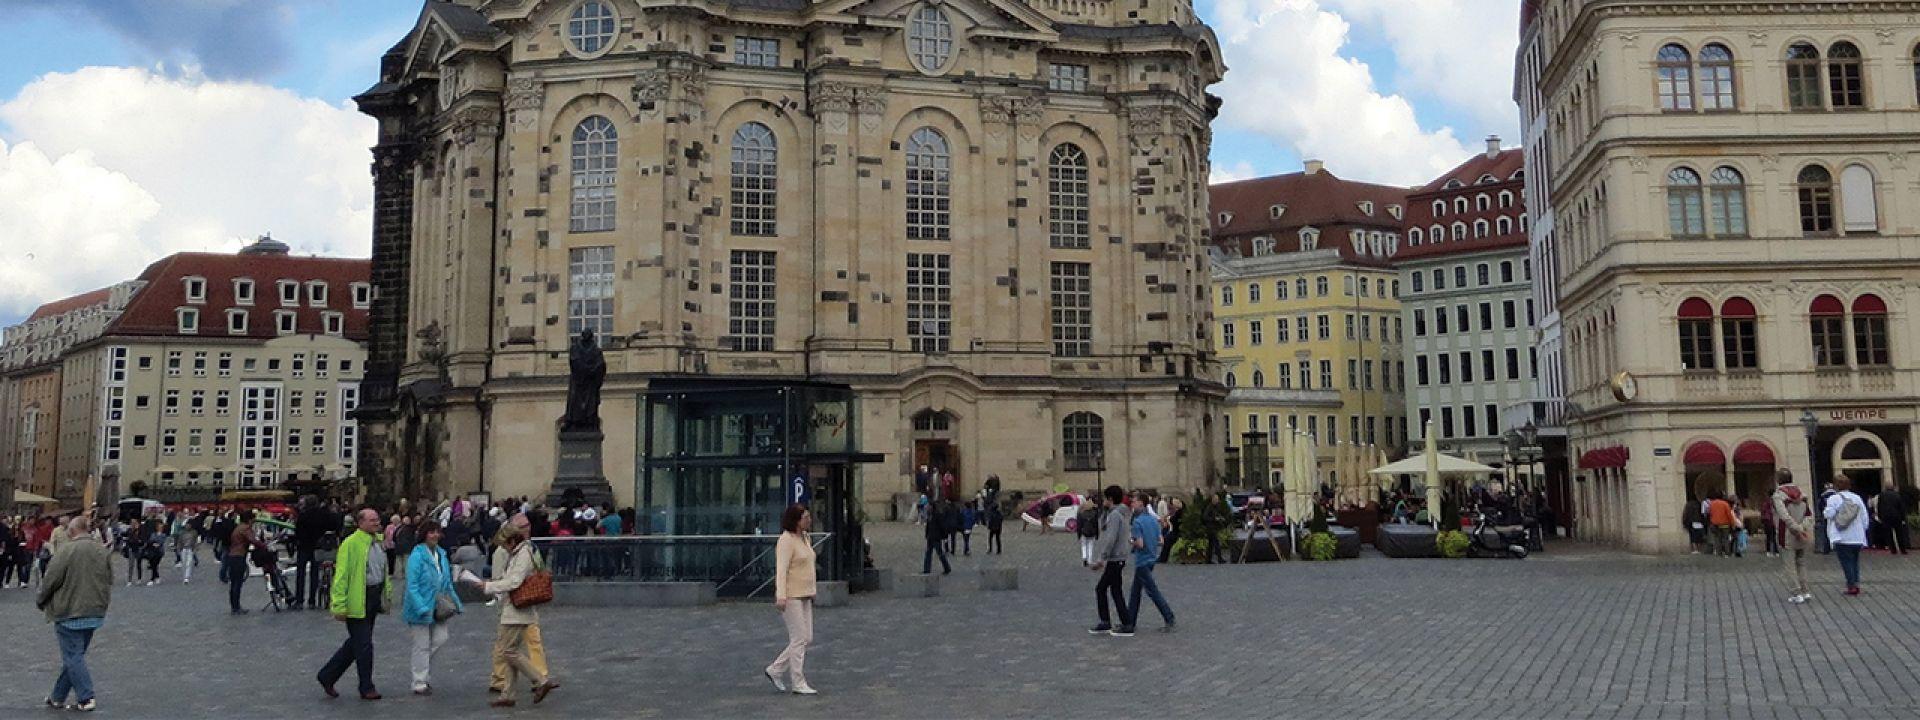 Εικαστικό για τη διάλεξη Προκλητικές ανακατασκευές κτιρίων